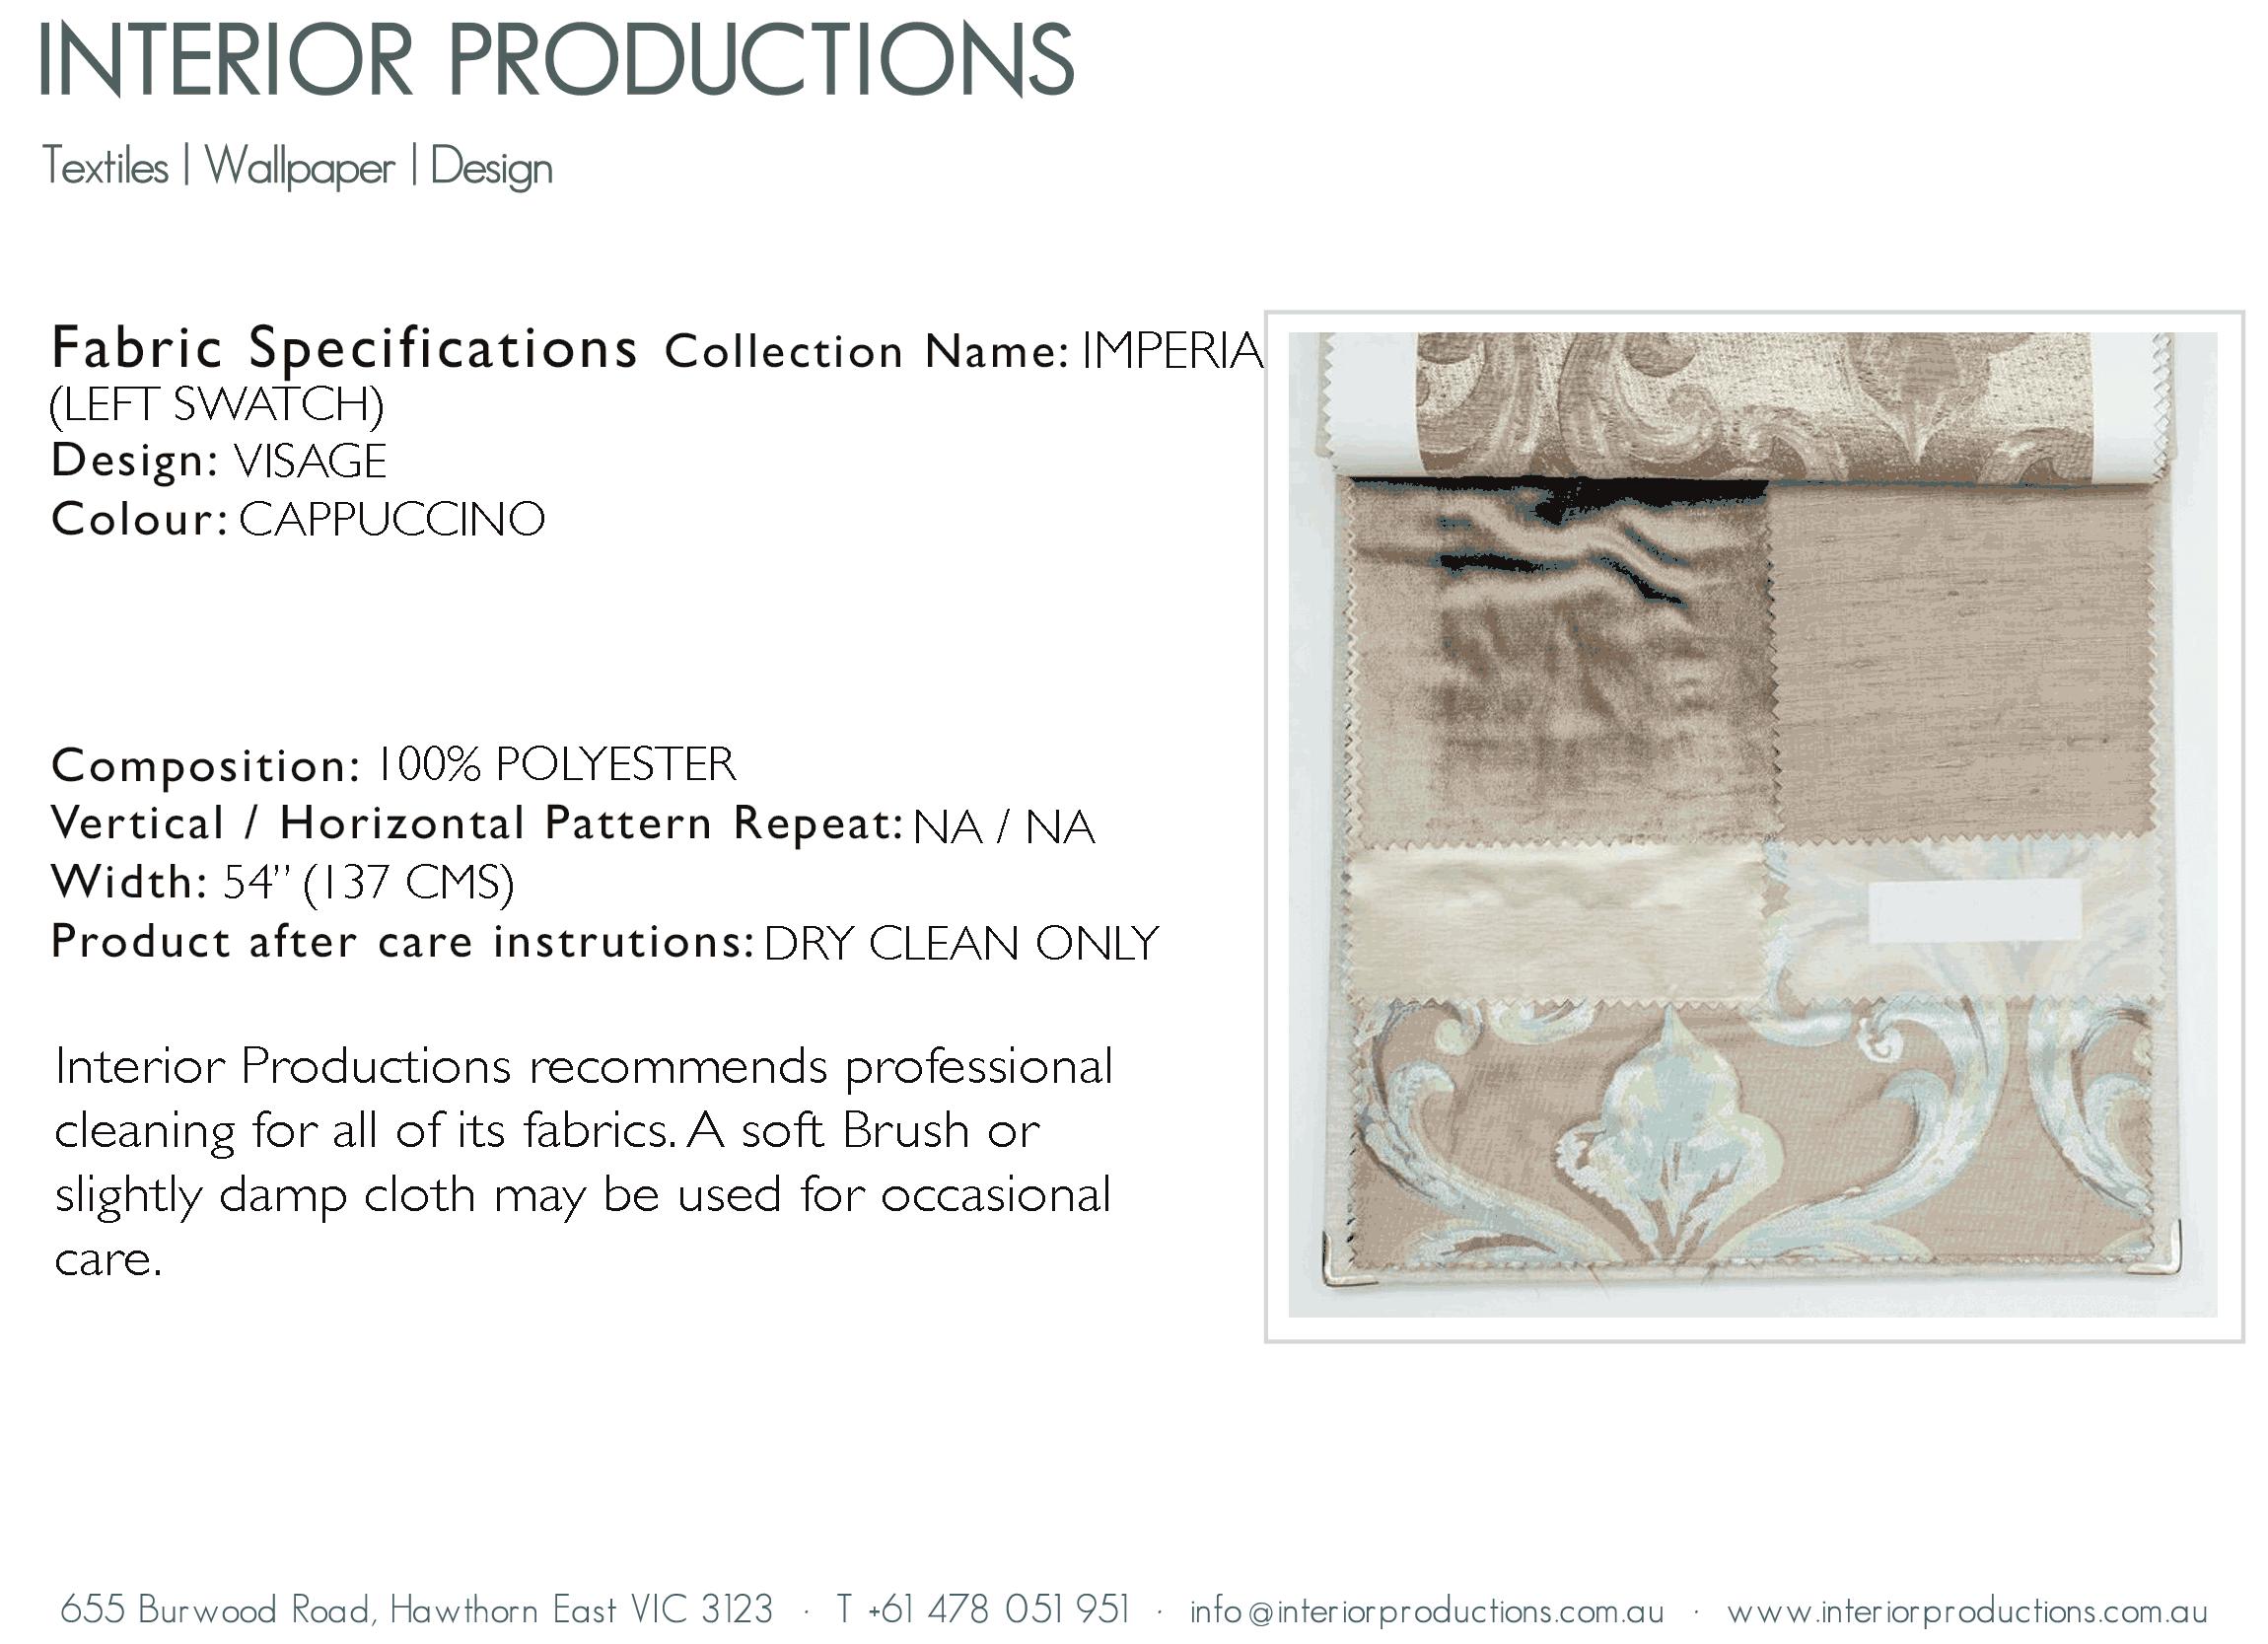 interior_productions_VISAGE---CAPPUCCINO